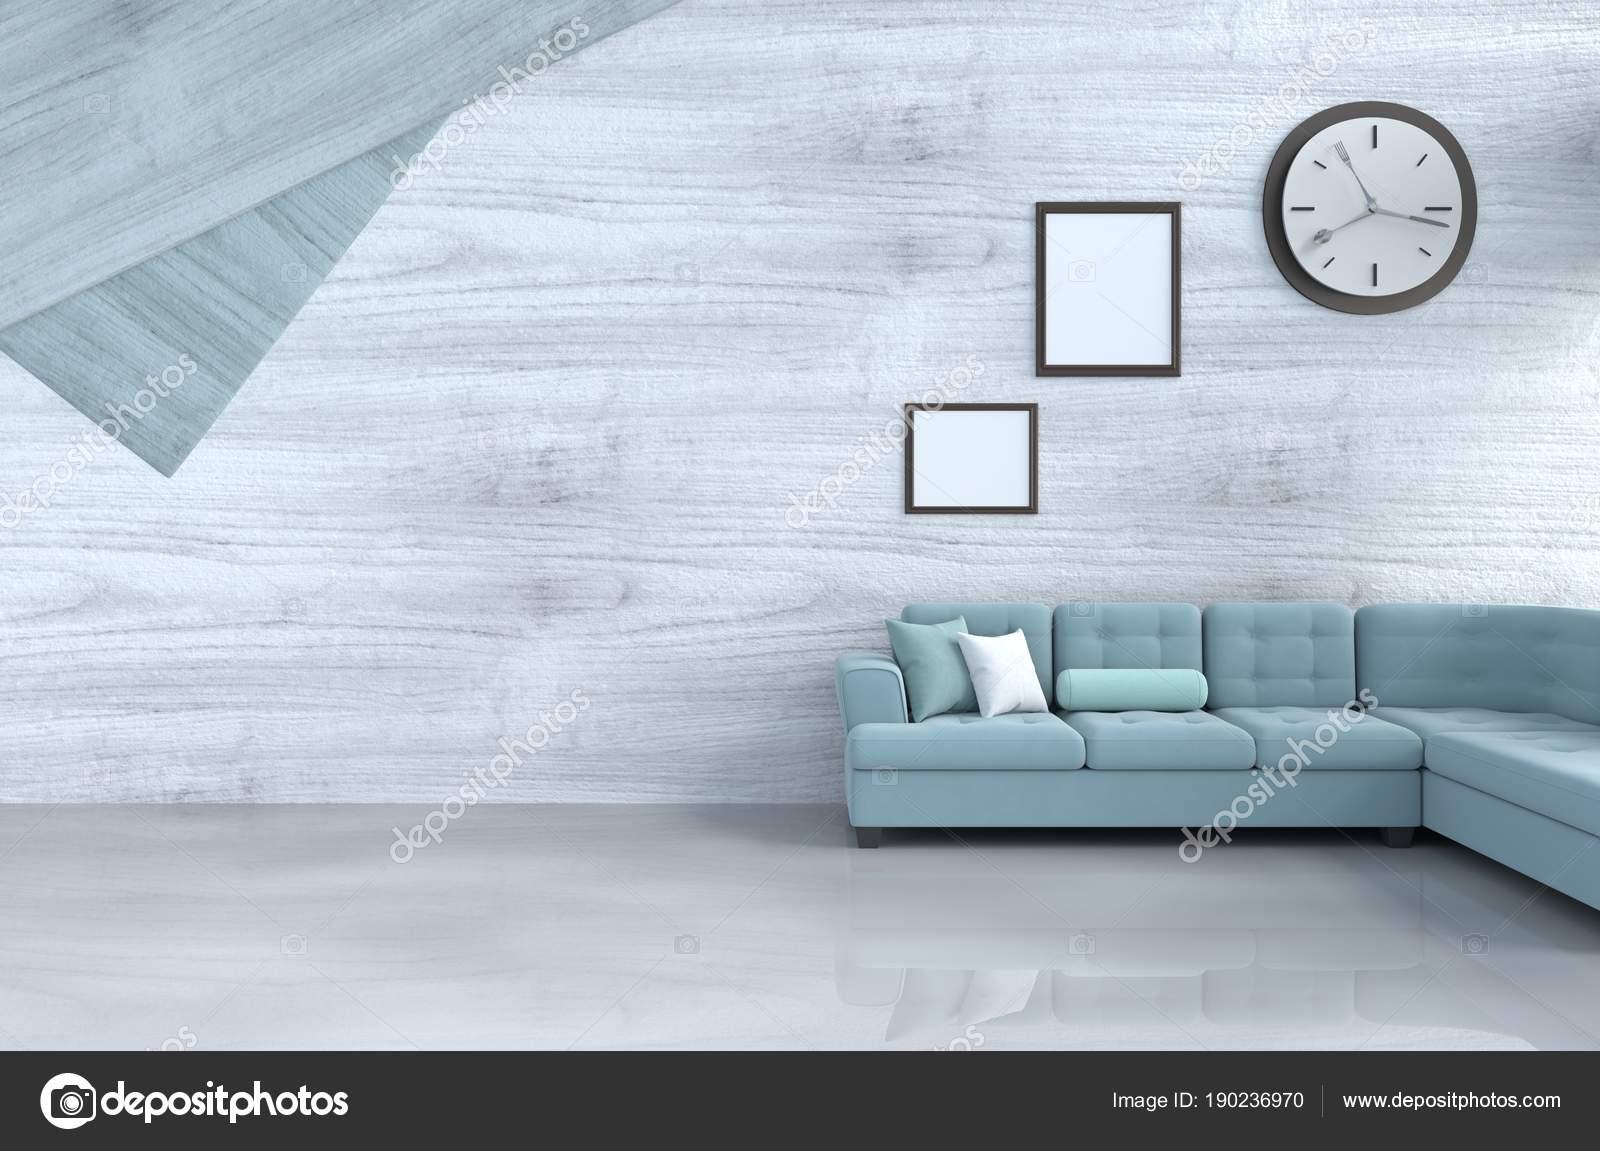 Grau Weiß Wohnzimmer Dekor Mit Grünen Sofa Wanduhr Weiße Holz U2014 Stockfoto